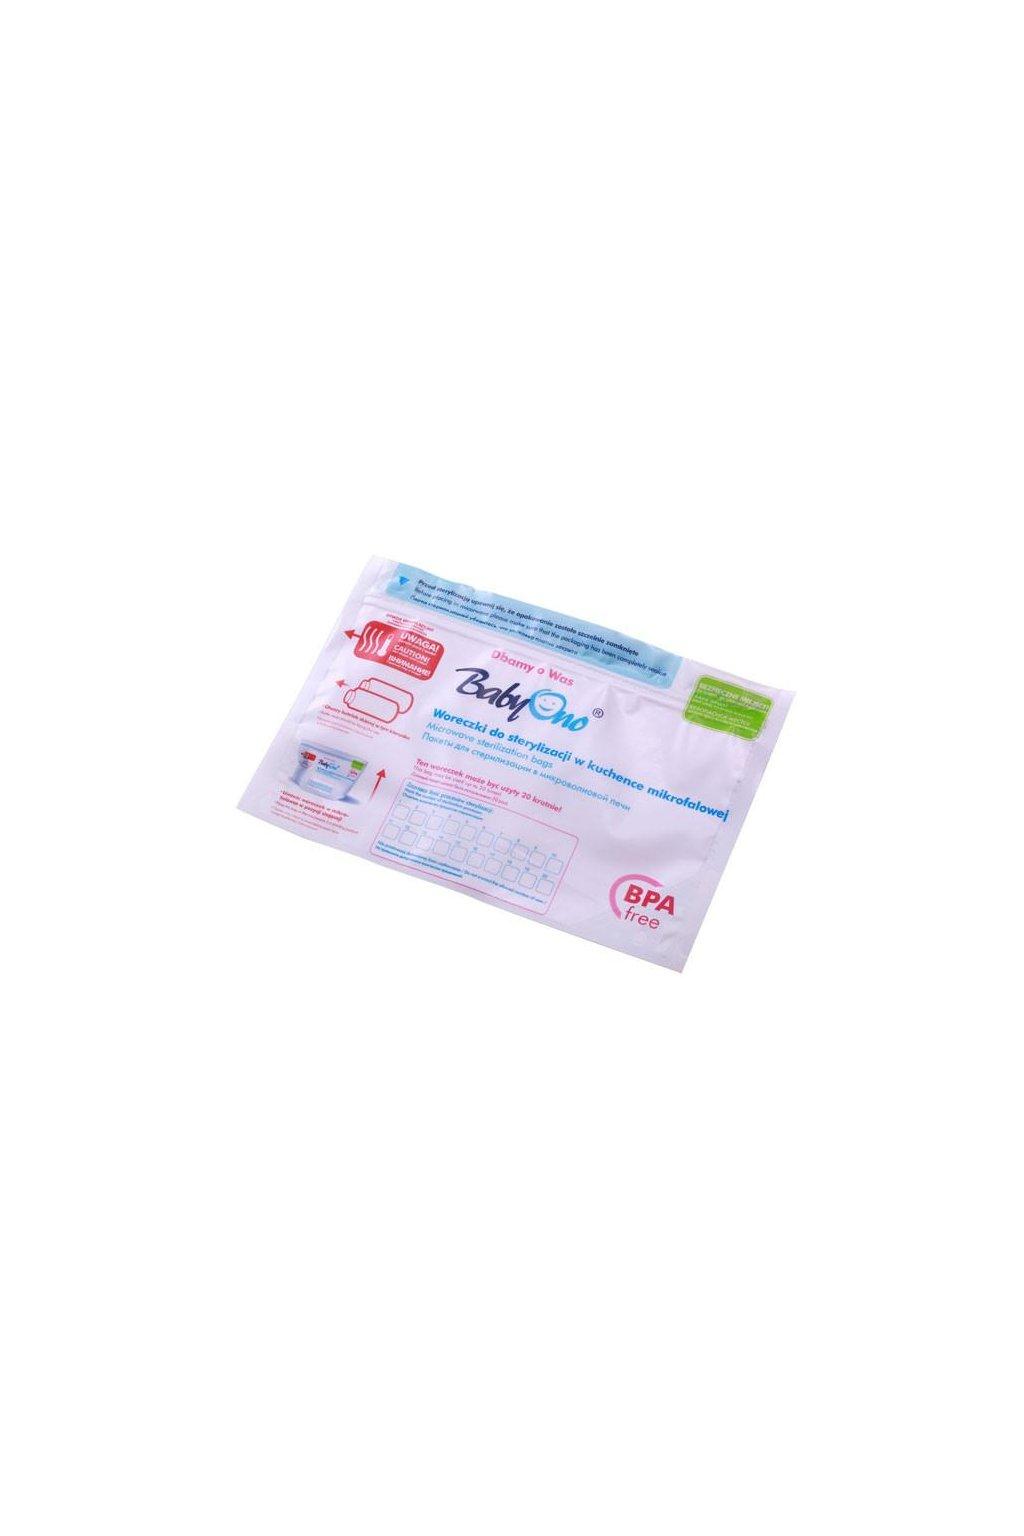 Vrecká pre sterilizáciu v mikrovlnnej rúre Baby Ono